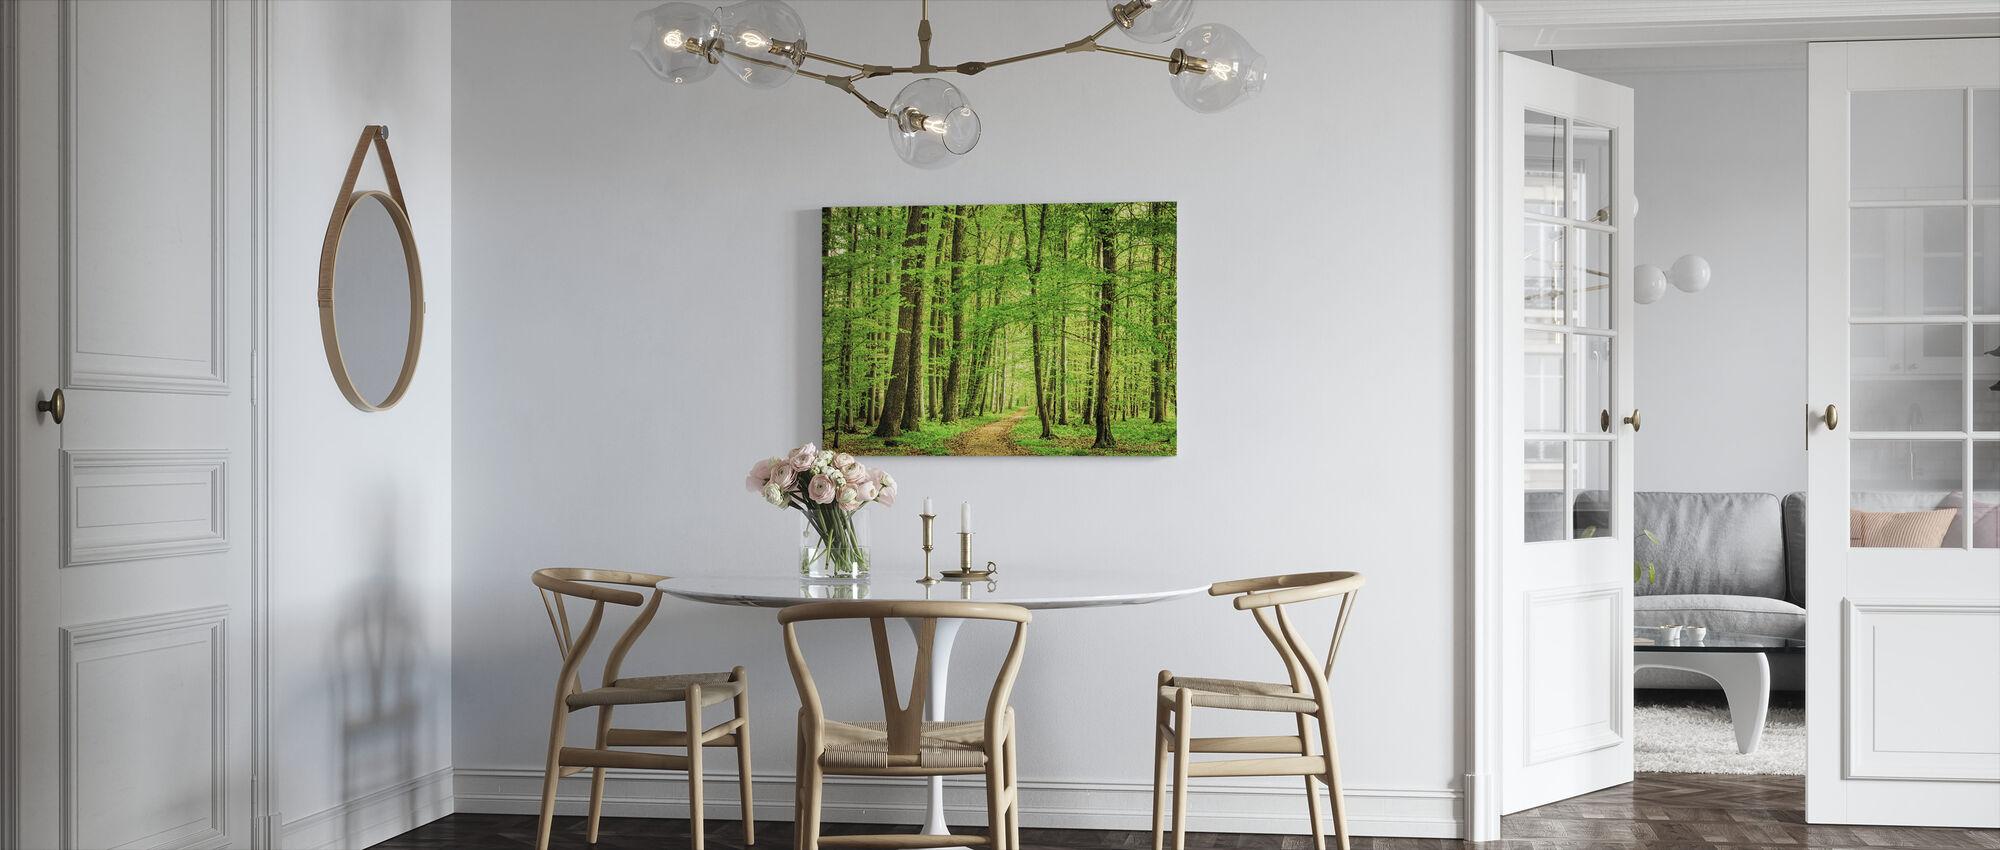 Vihreä metsä keväällä - Canvastaulu - Keittiö